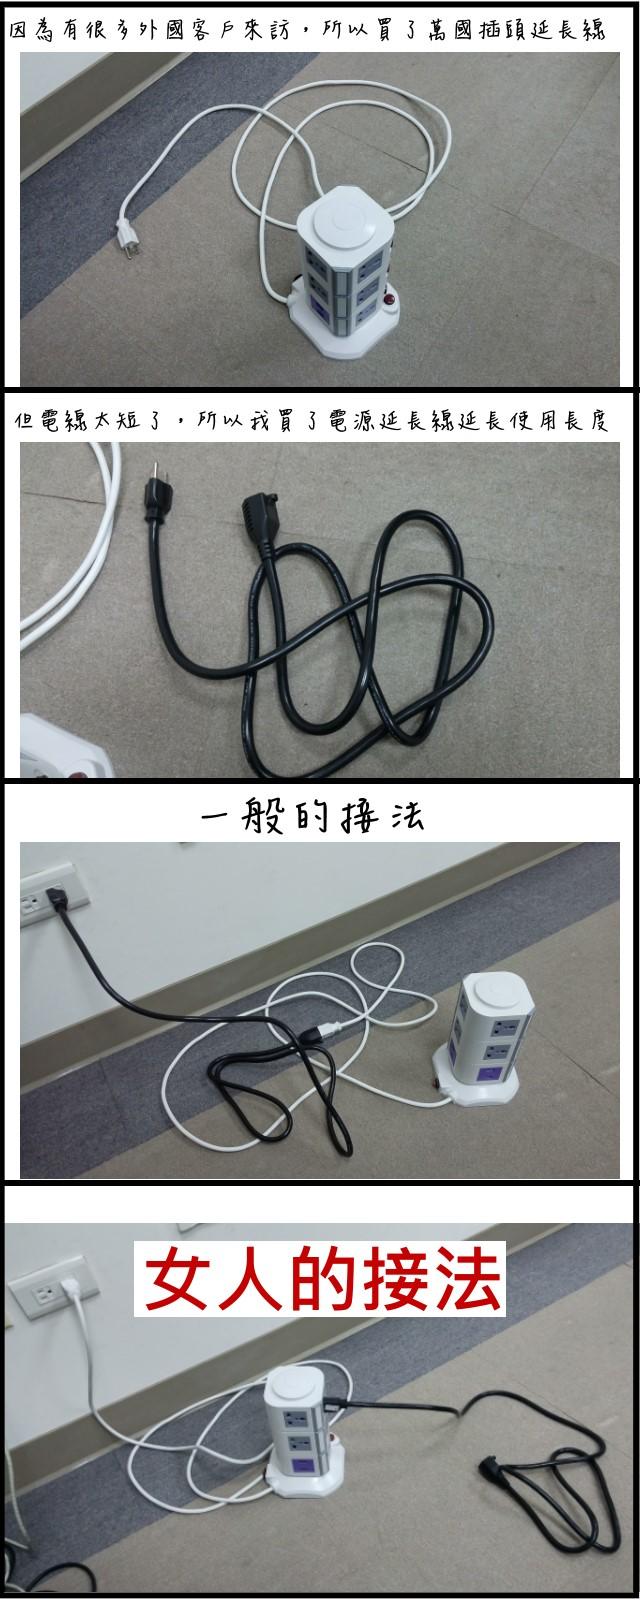 電源延長線的接法-01.jpg